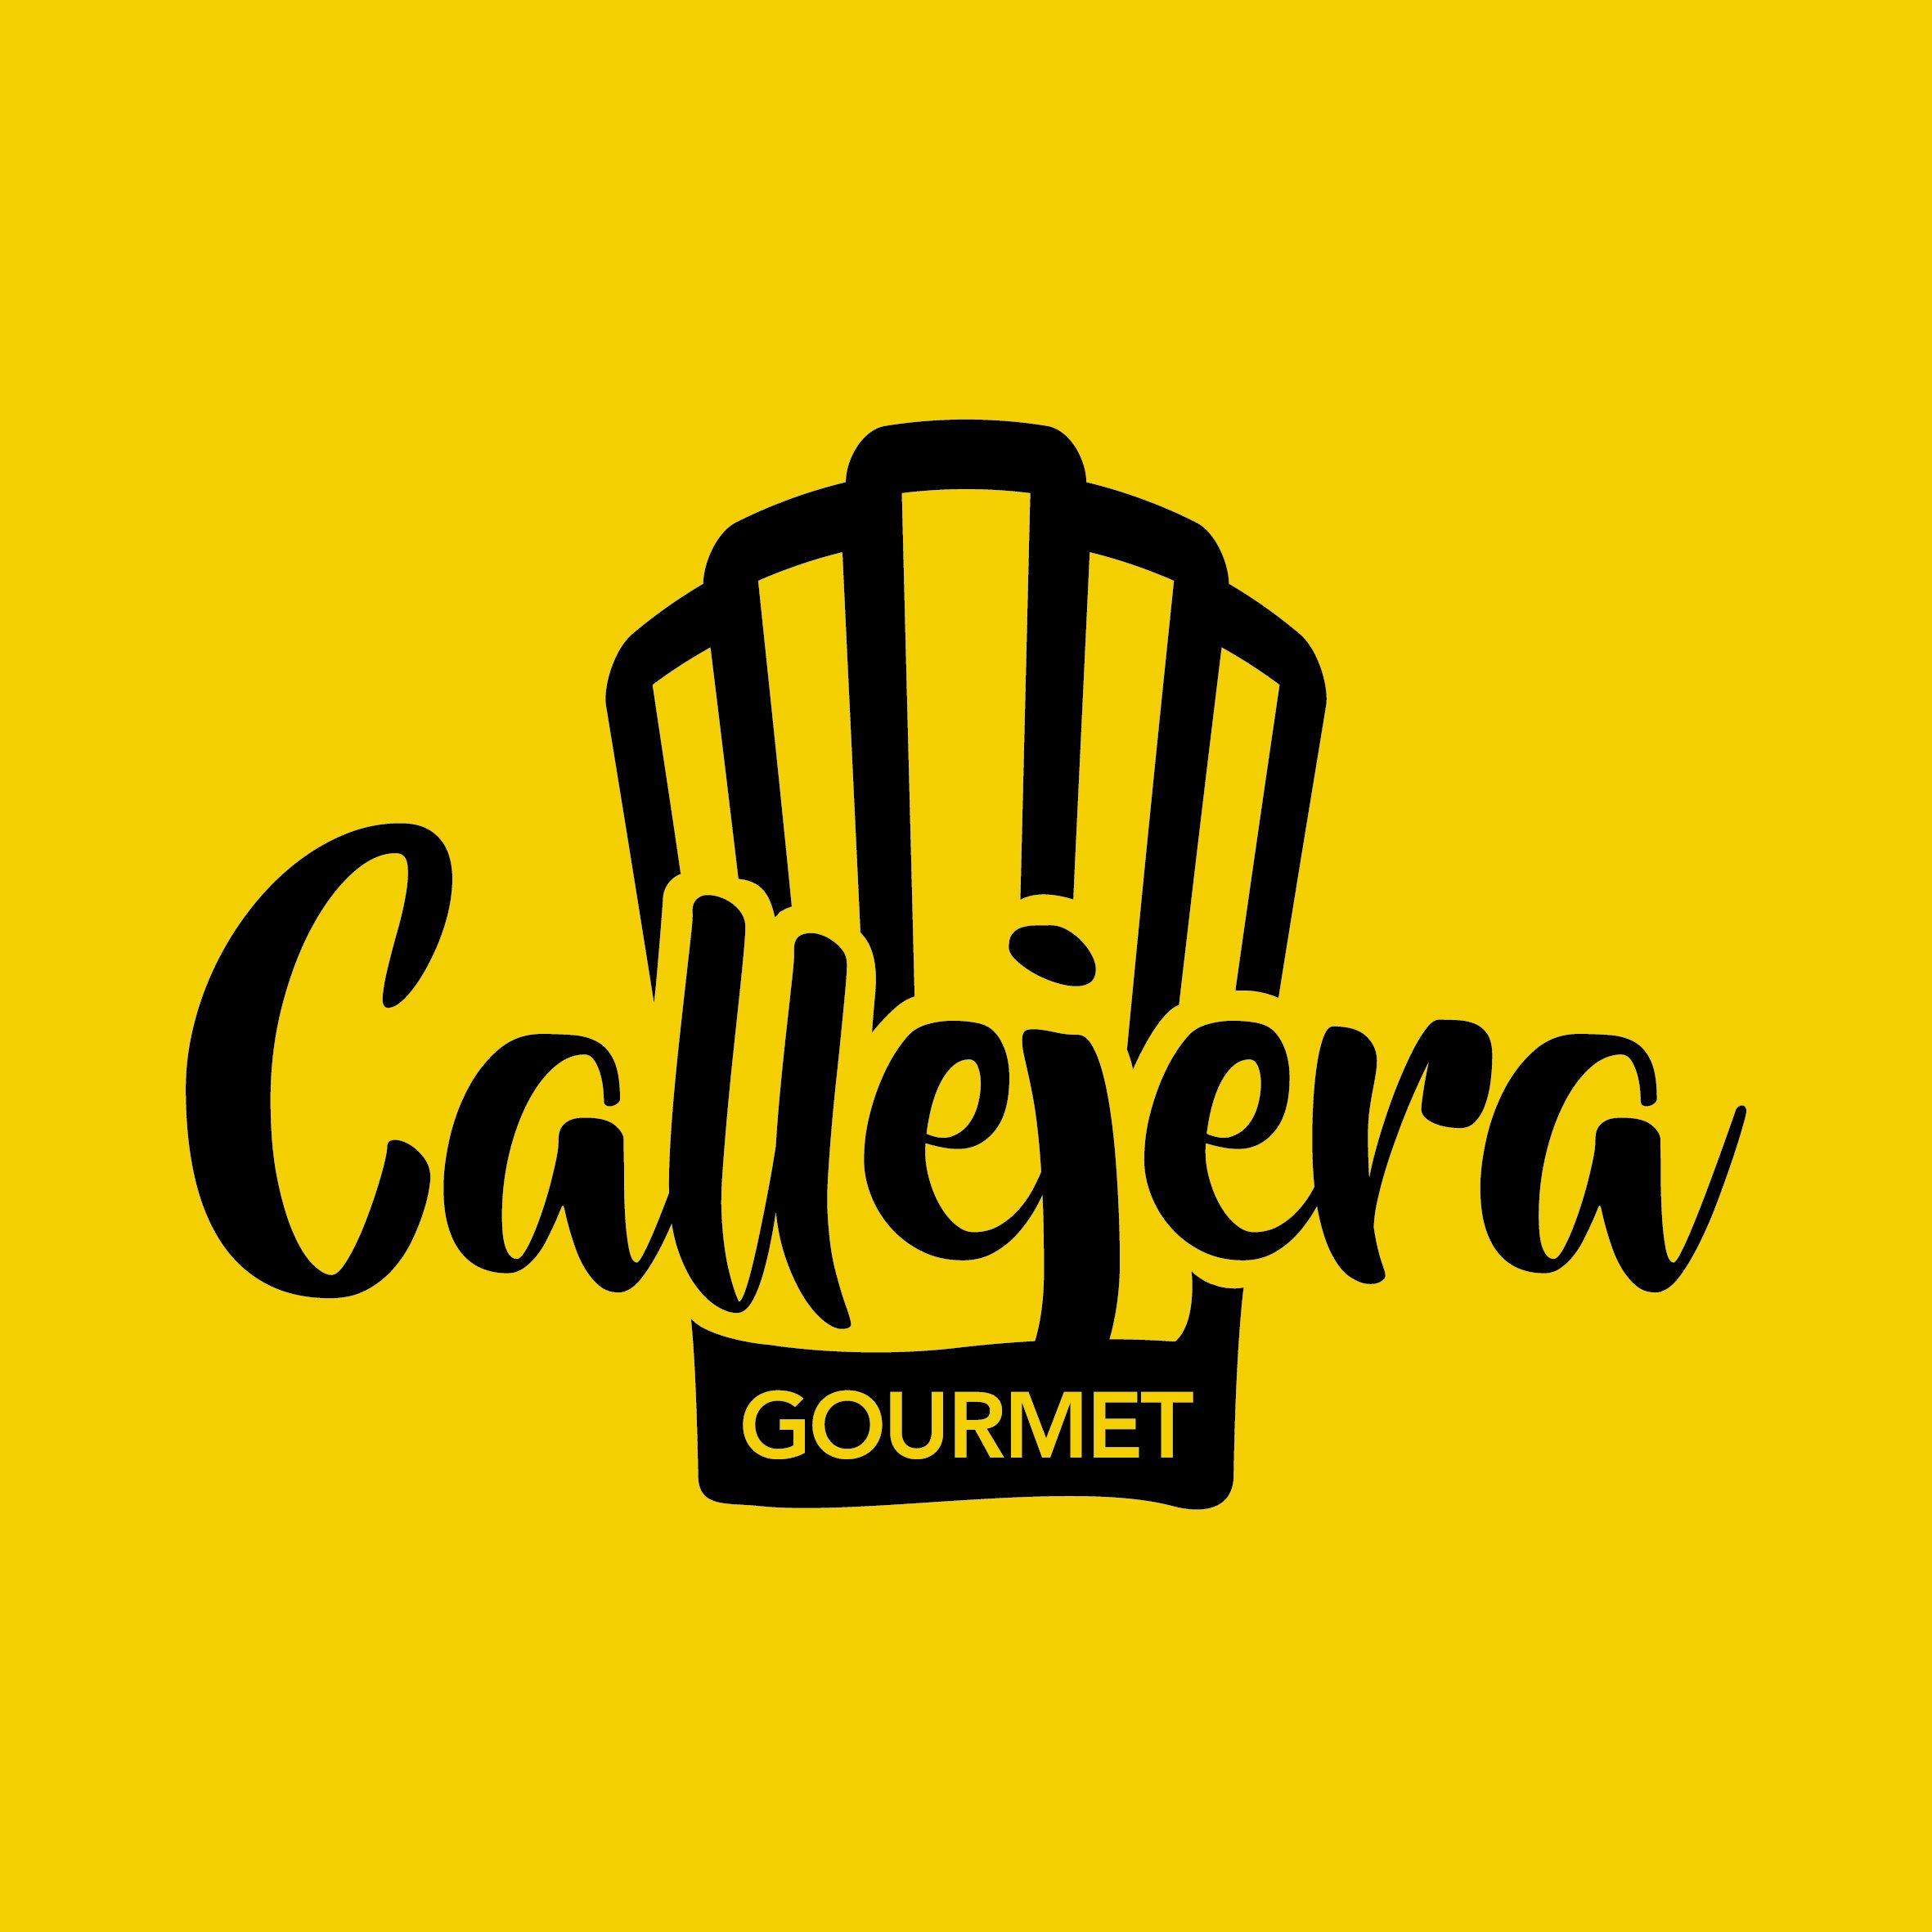 Callejera Gourmet